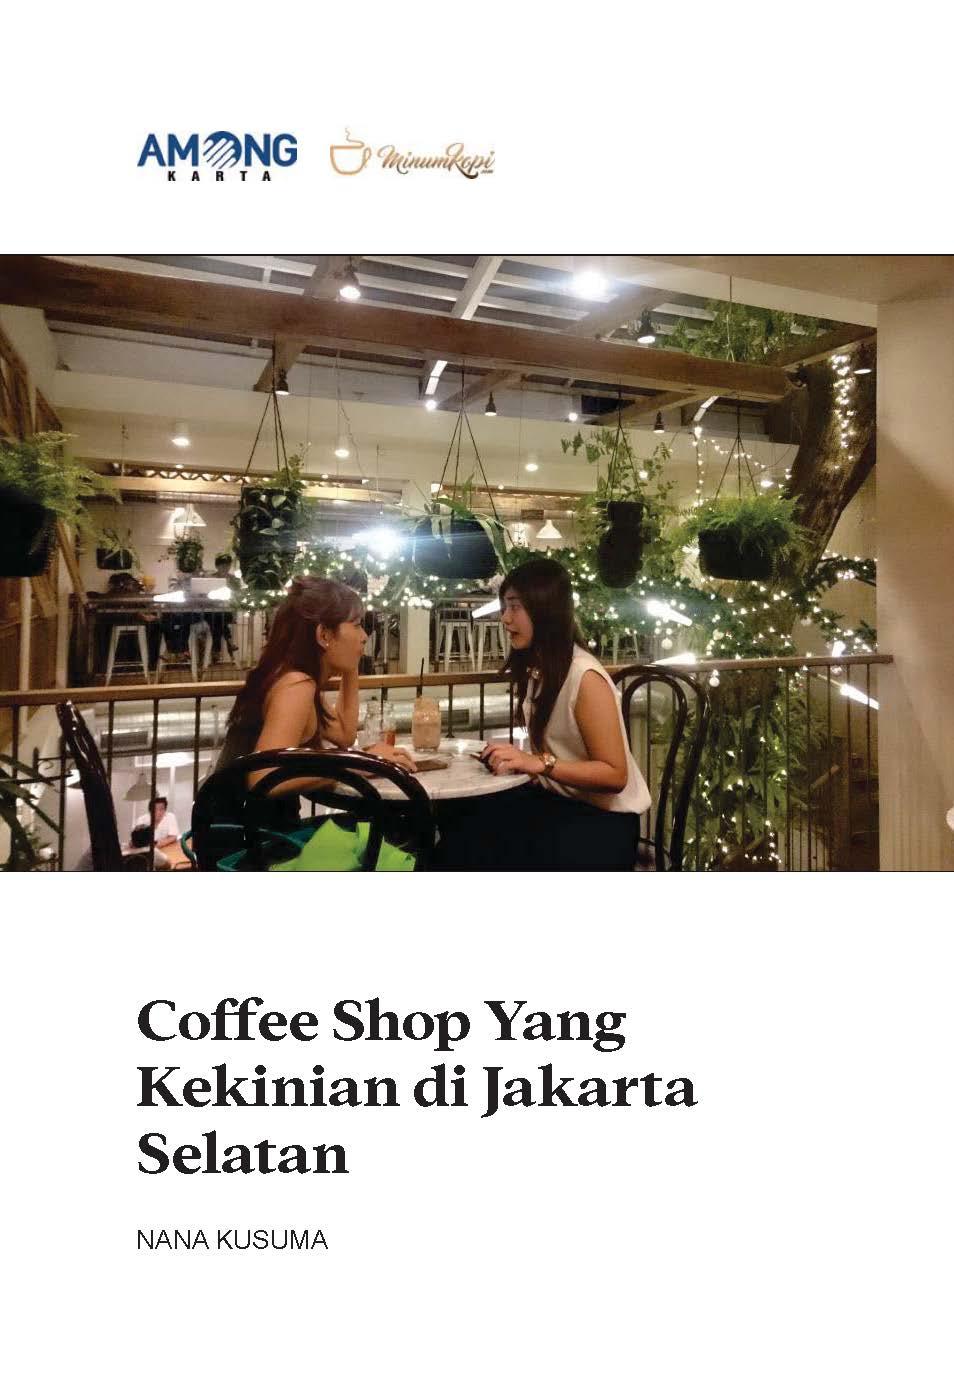 Coffee shop yang kekinian di Jakarta Selatan [sumber elektronis]